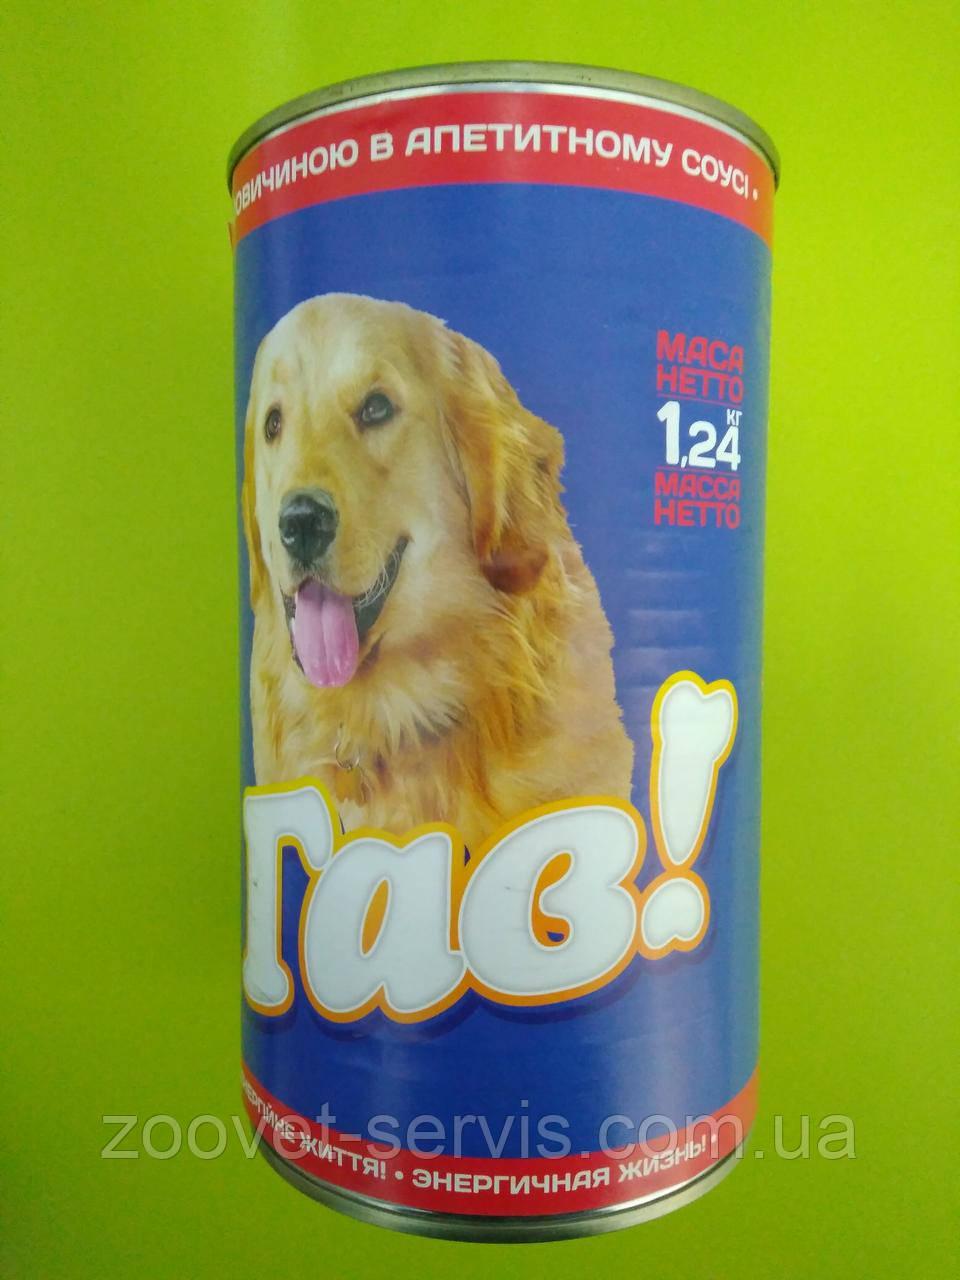 Консервы для собак Гав! говядина в аппетитном соусе 1.24 кг